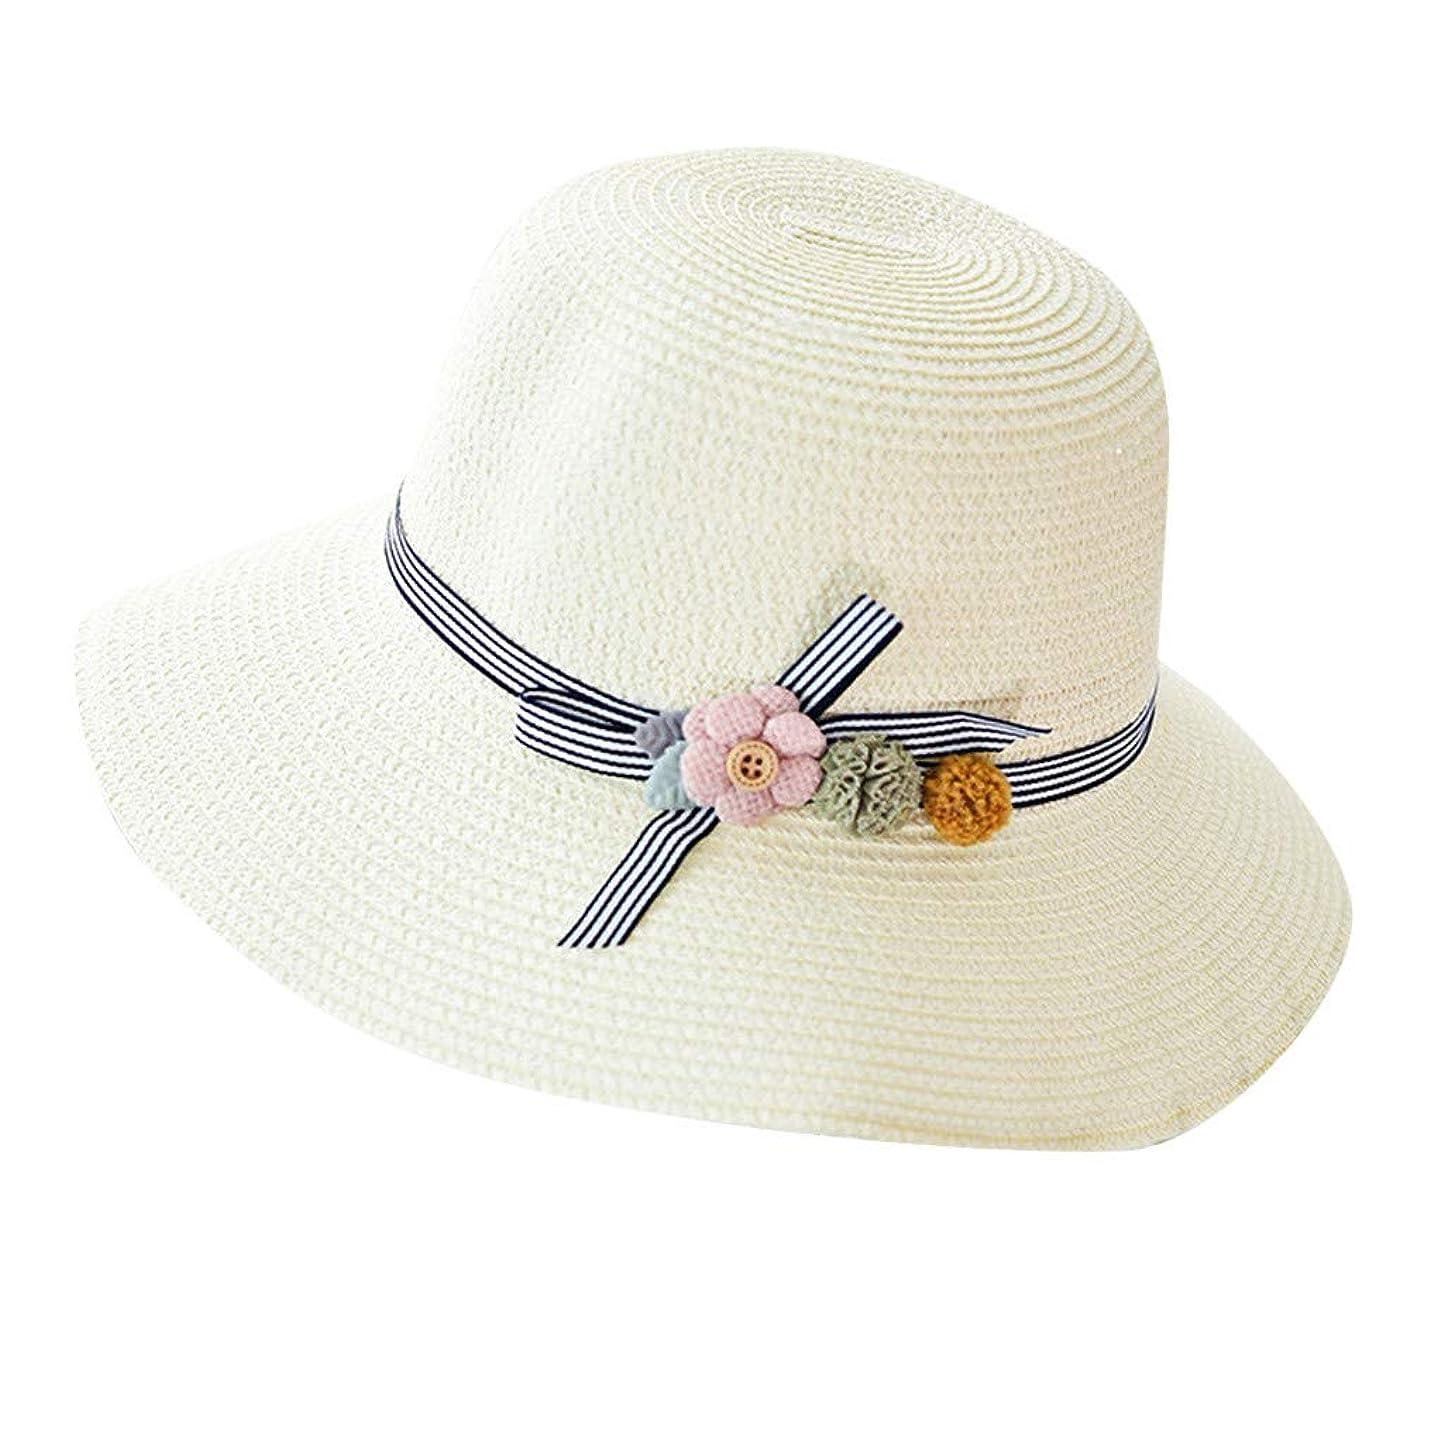 熱狂的な監督するなぜ漁師帽 夏 帽子 レディース UVカット 帽子 ハット レディース 紫外線対策 日焼け防止 つば広 日焼け 旅行用 日よけ 夏季 折りたたみ 森ガール ビーチ 海辺 帽子 ハット レディース 花 ROSE ROMAN